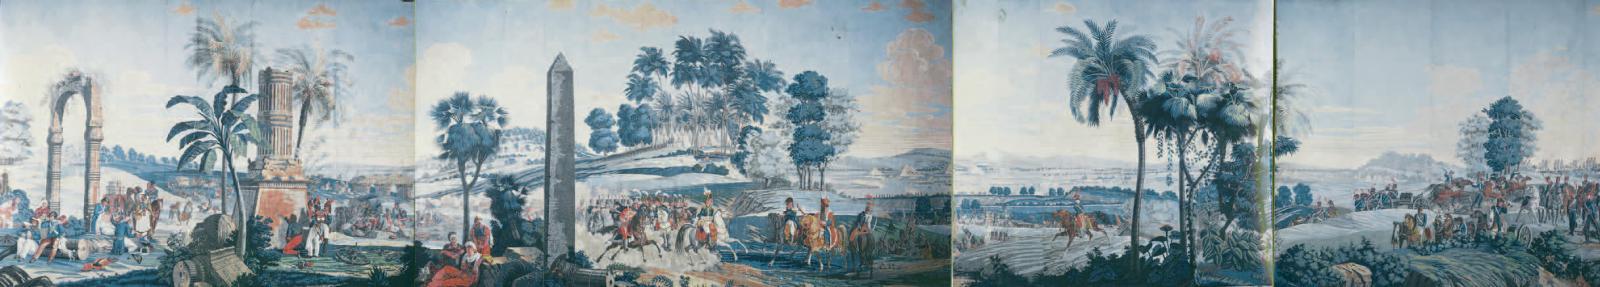 Manufacture Velay Paris, dessinateur Jean-Julien Deltil (1791-1853),La Bataille d'Héliopolis ou Les Français en Égypte, papier peint, première édition